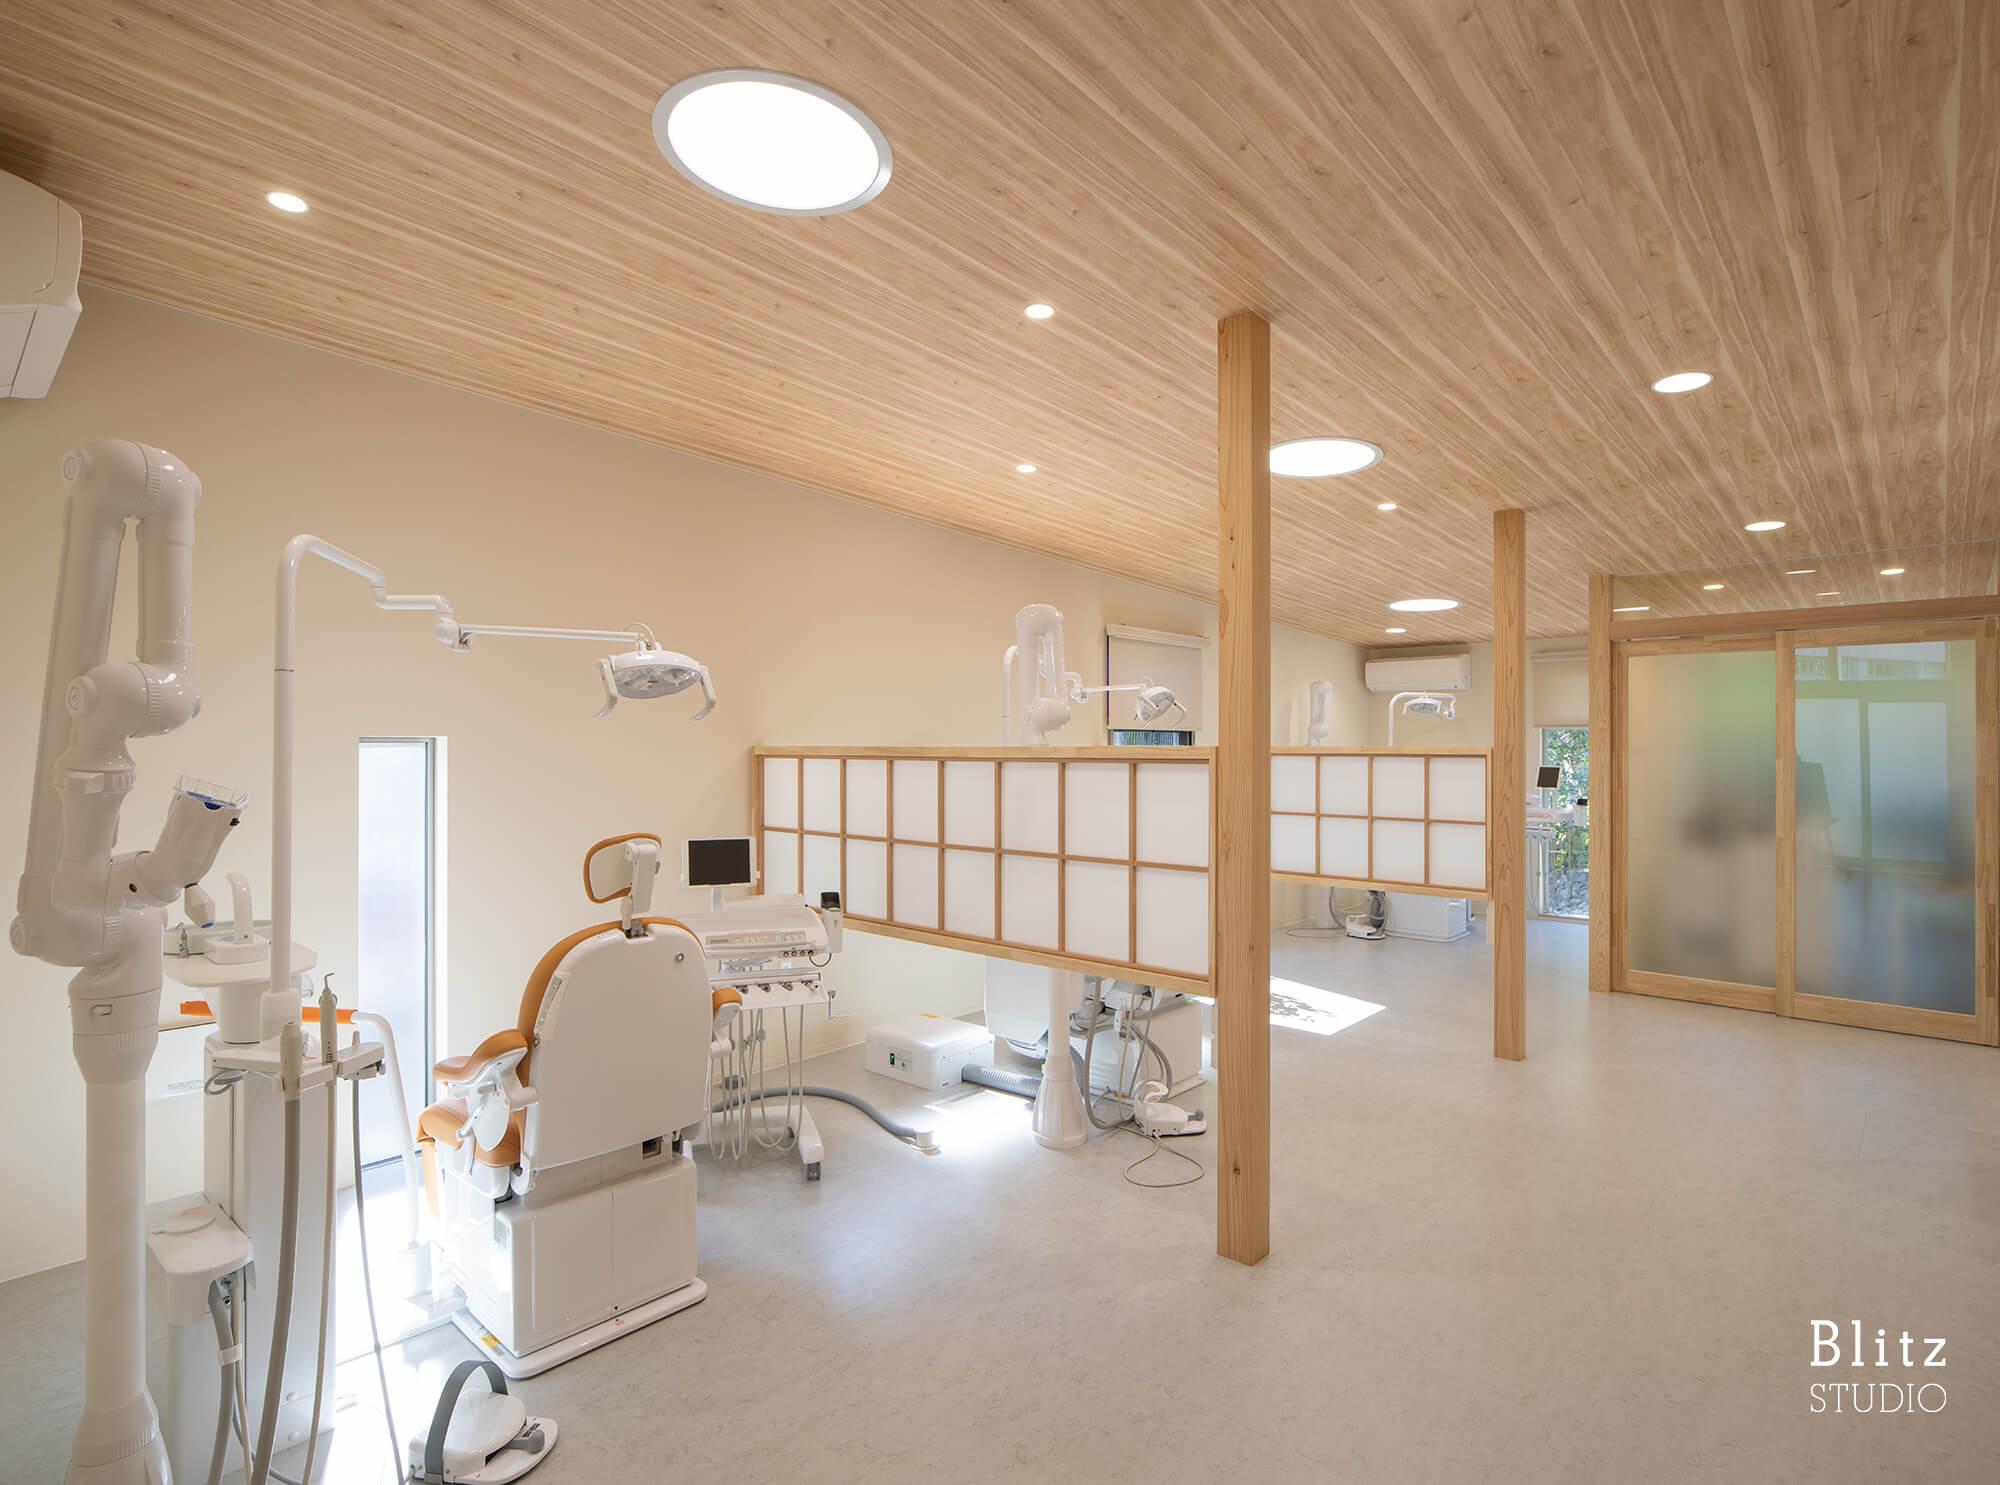 『江藤歯科医院』建築写真・竣工写真・インテリア写真8